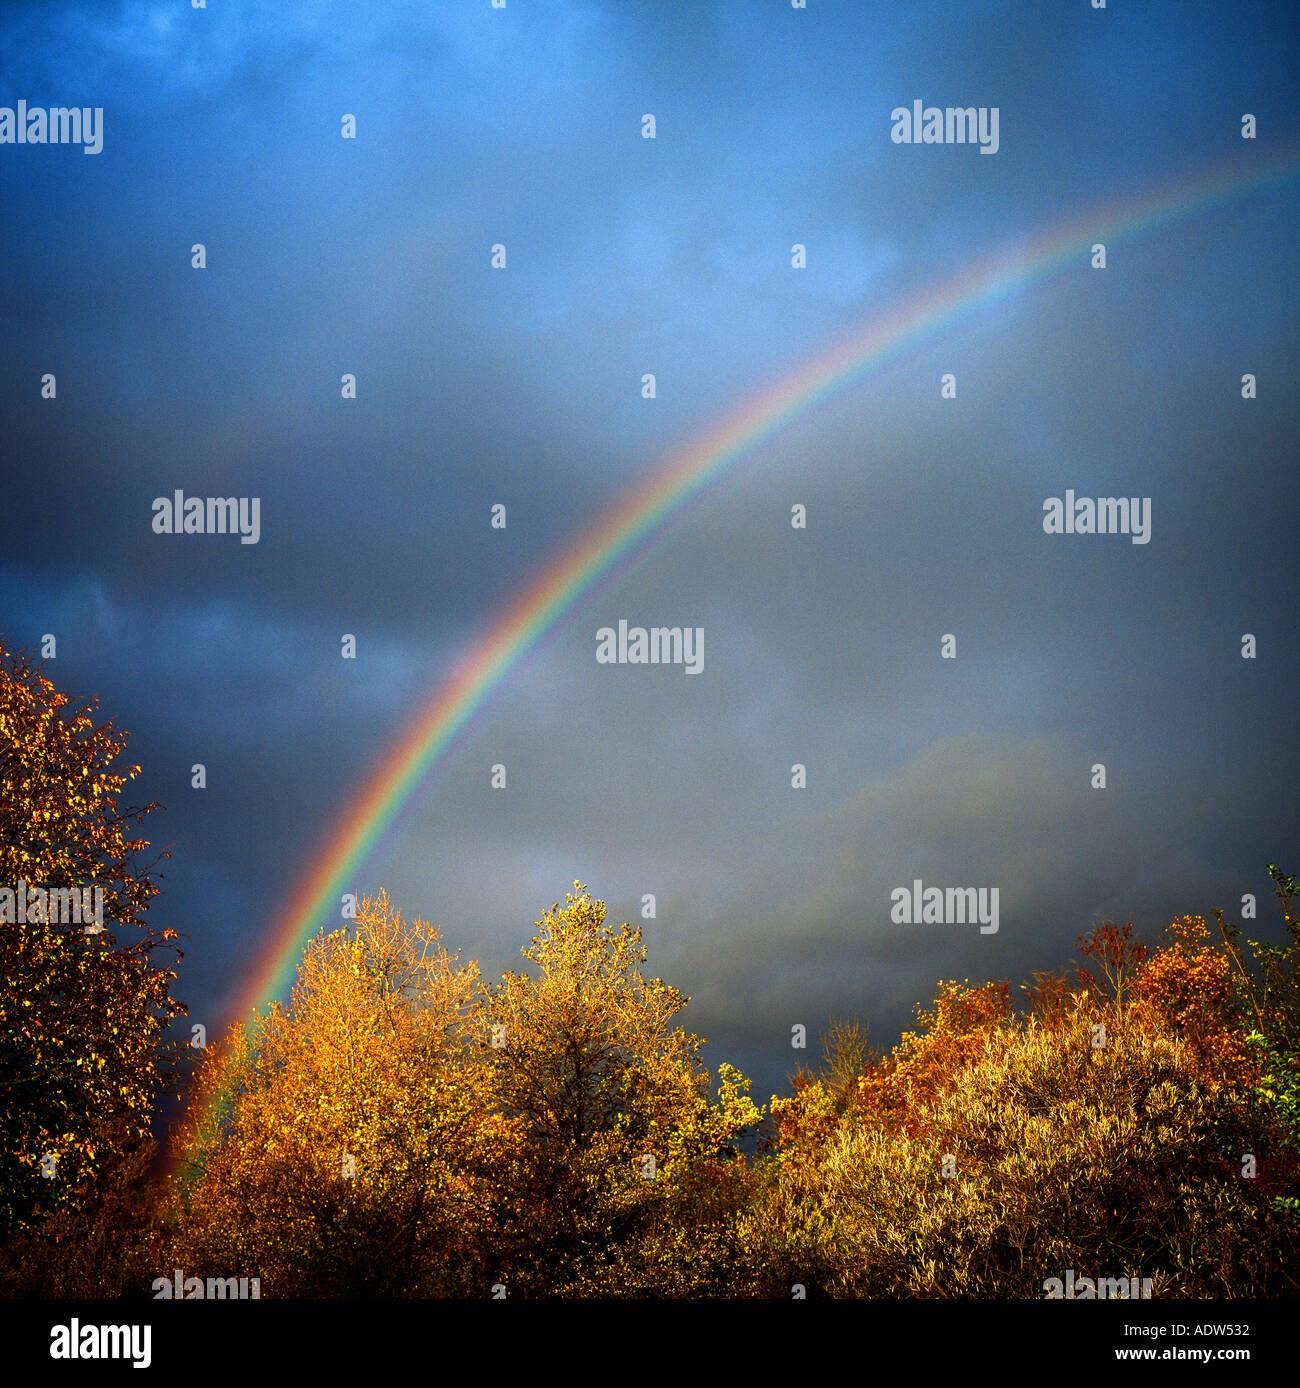 Arco iris con follajes de árboles otoñales y cielo tormentoso EUROPA ALEMANIA Imagen De Stock